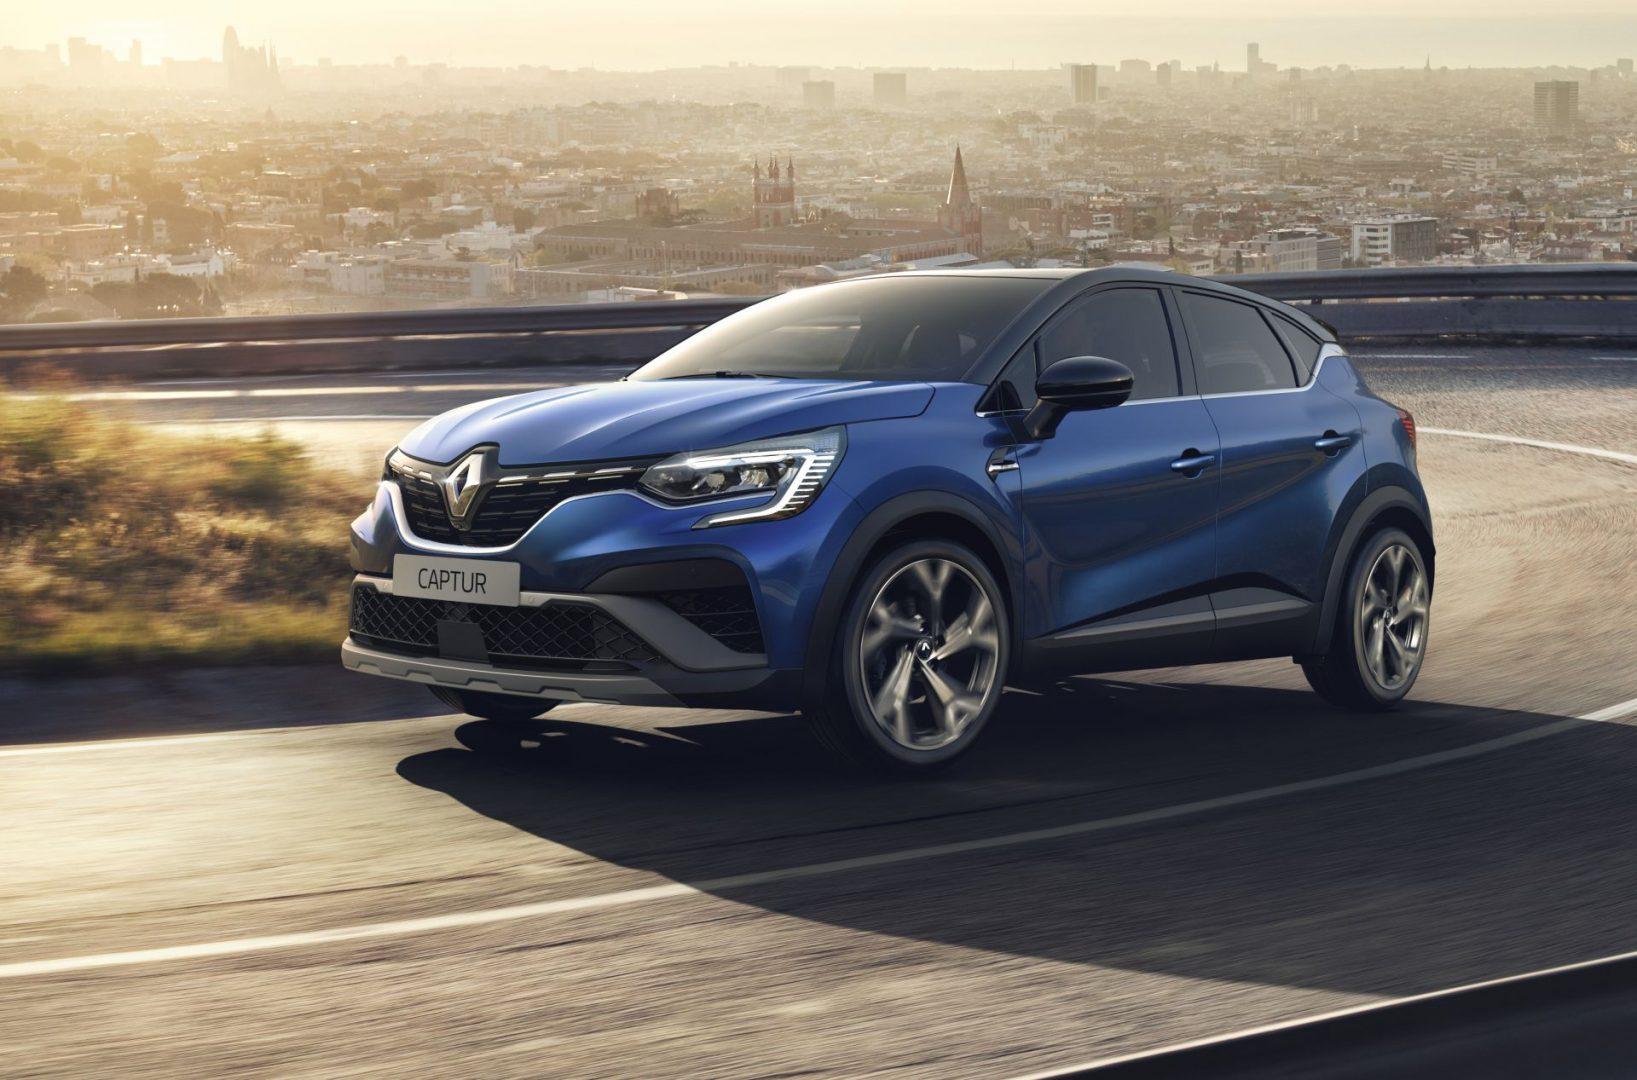 Renault Captur od sada je dostupan i s novim R.S. Line paketom opreme